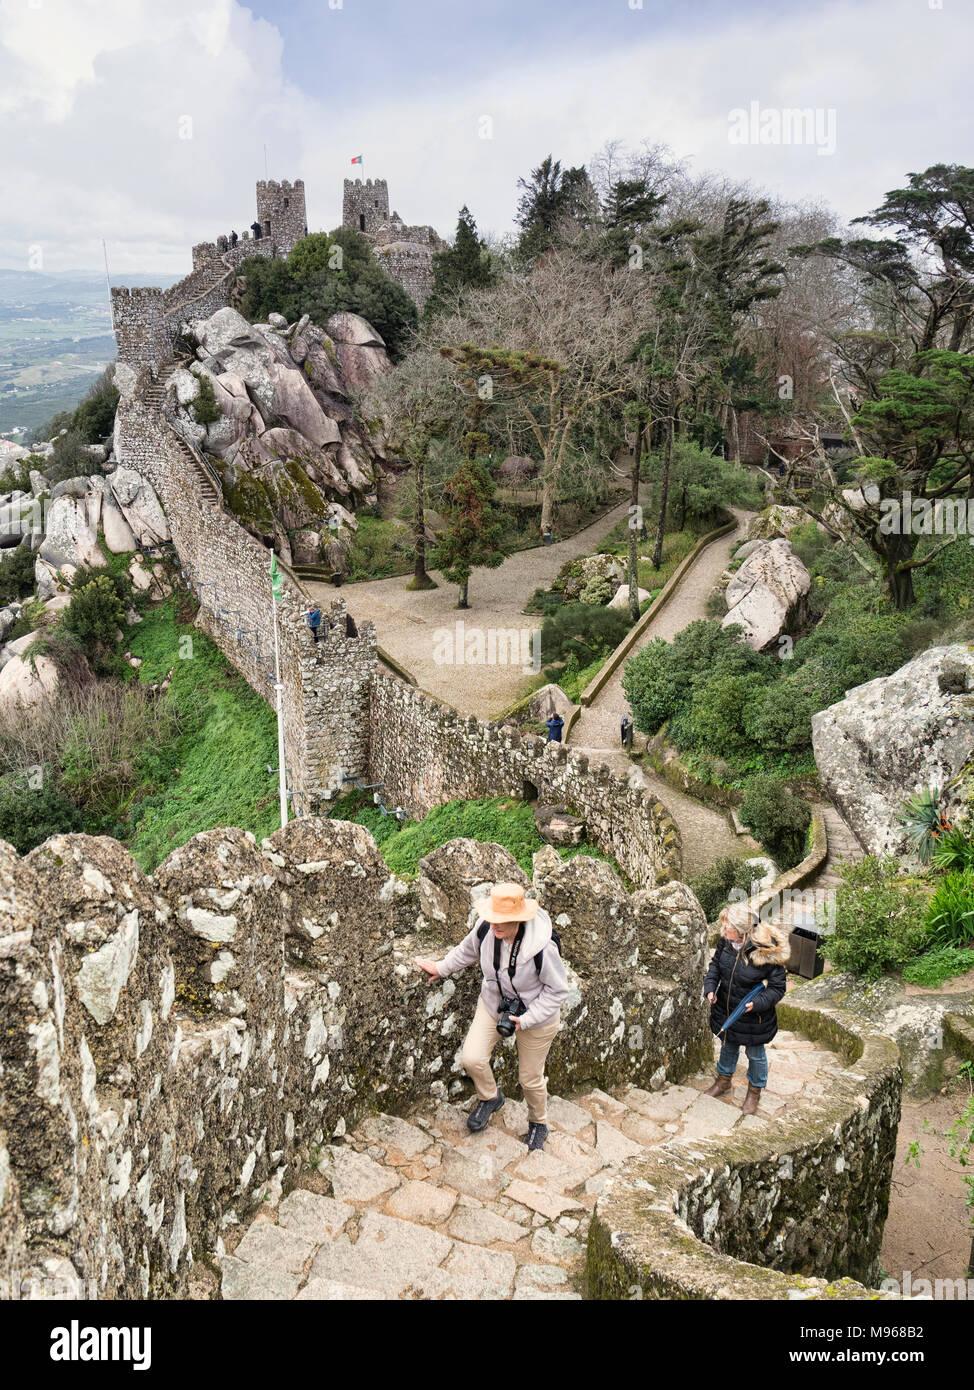 Vom 3. März 2018: Sintra, Portugal - Touristen erkunden die Burg der Mauren in Sintra, Portugal, auf einer frühen Frühling. Stockbild